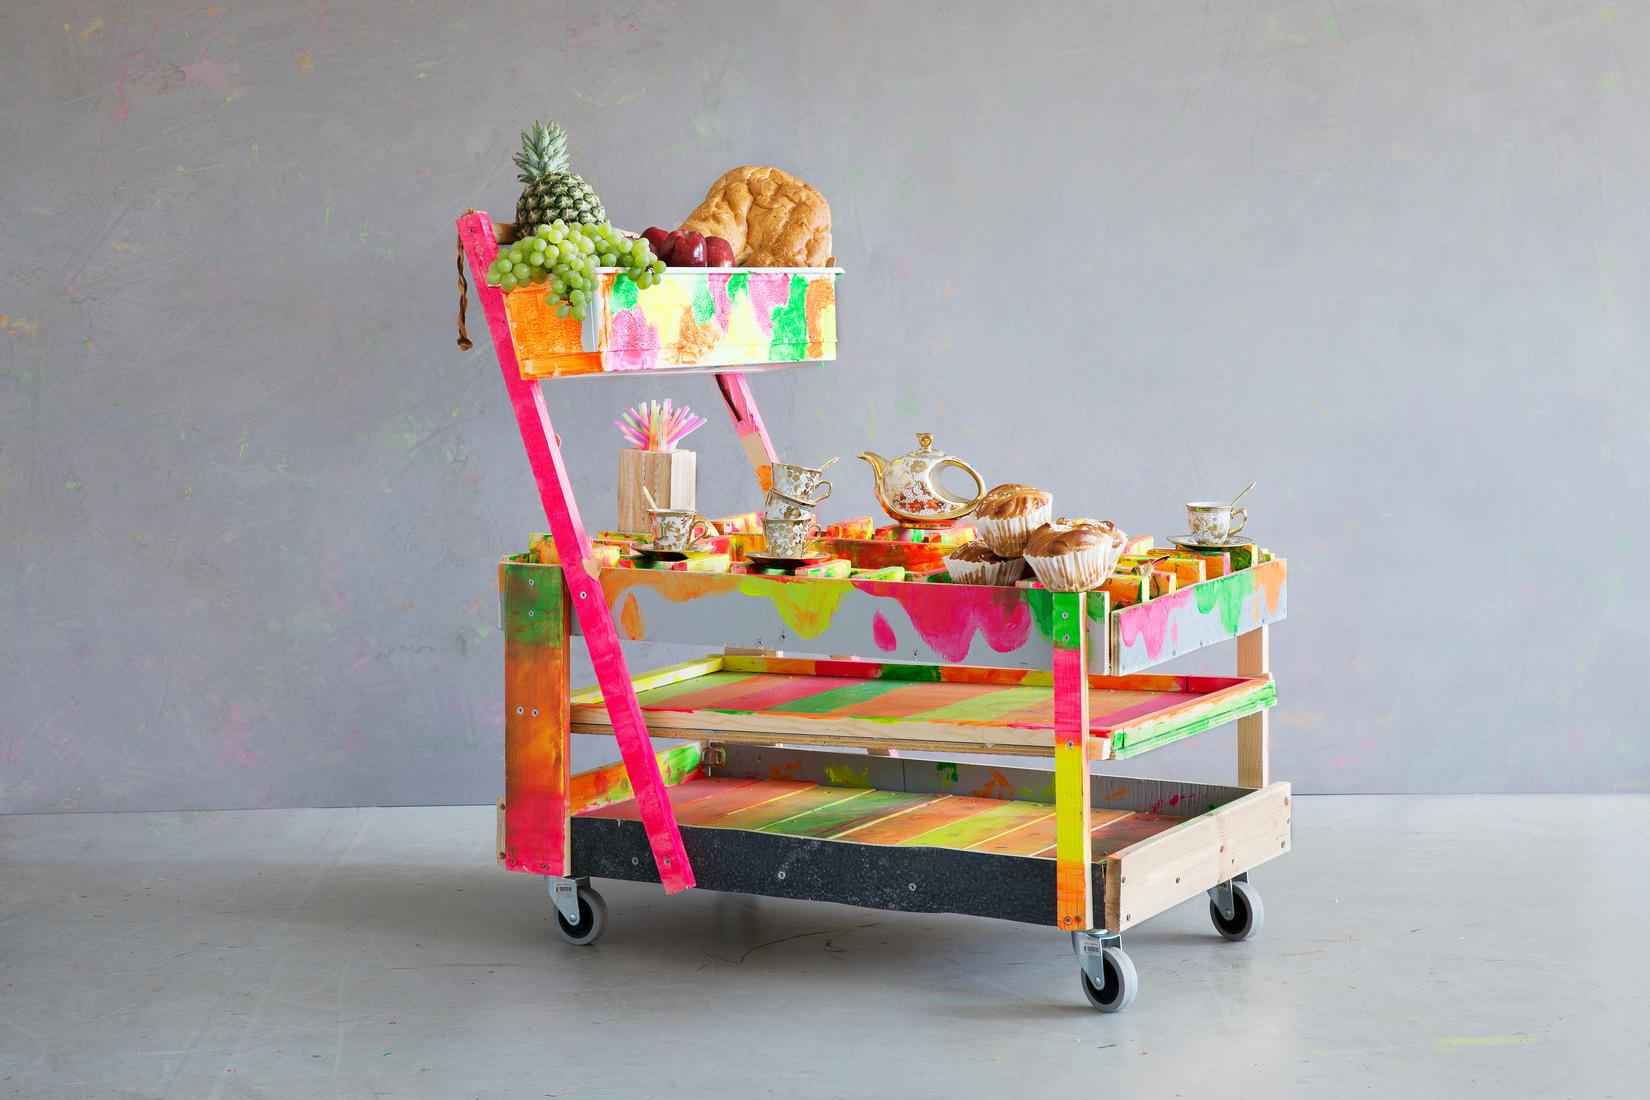 Une chariot créatif réalisé par des enfants